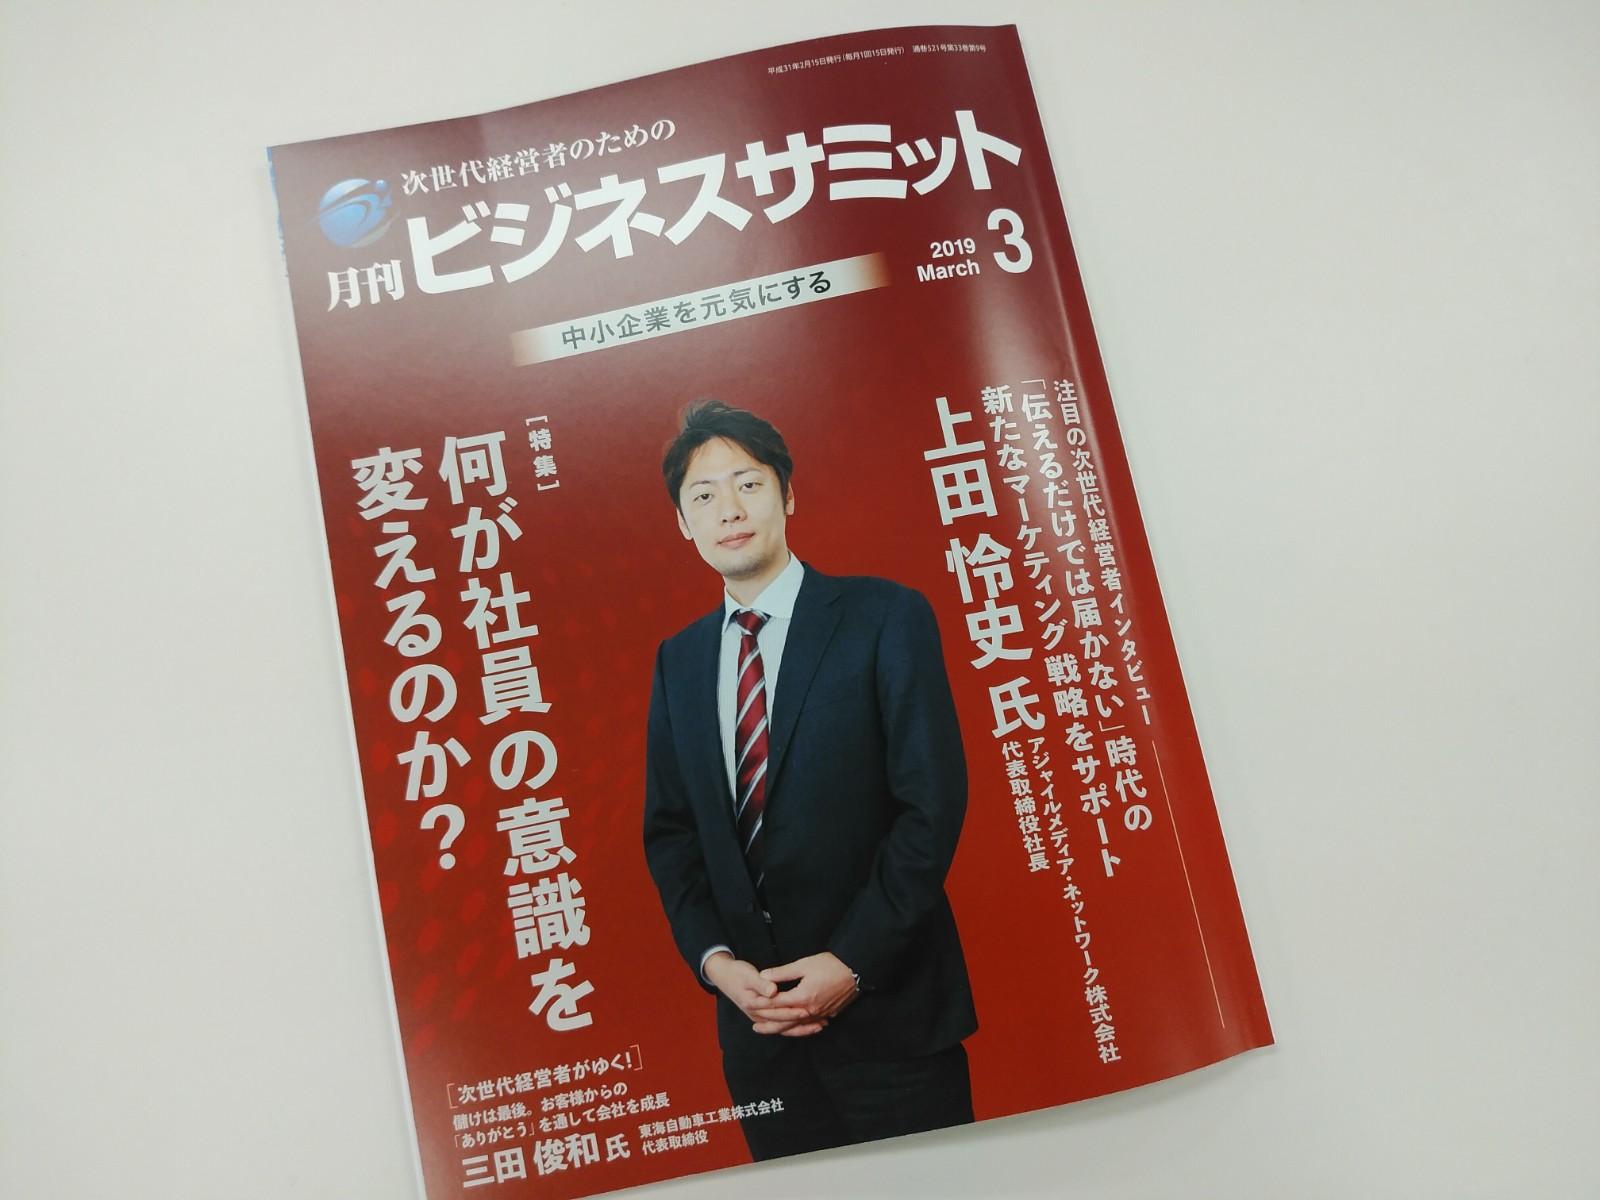 弊社代表取締役社長CEO上田が、月刊ビジネスサミットに掲載されました。